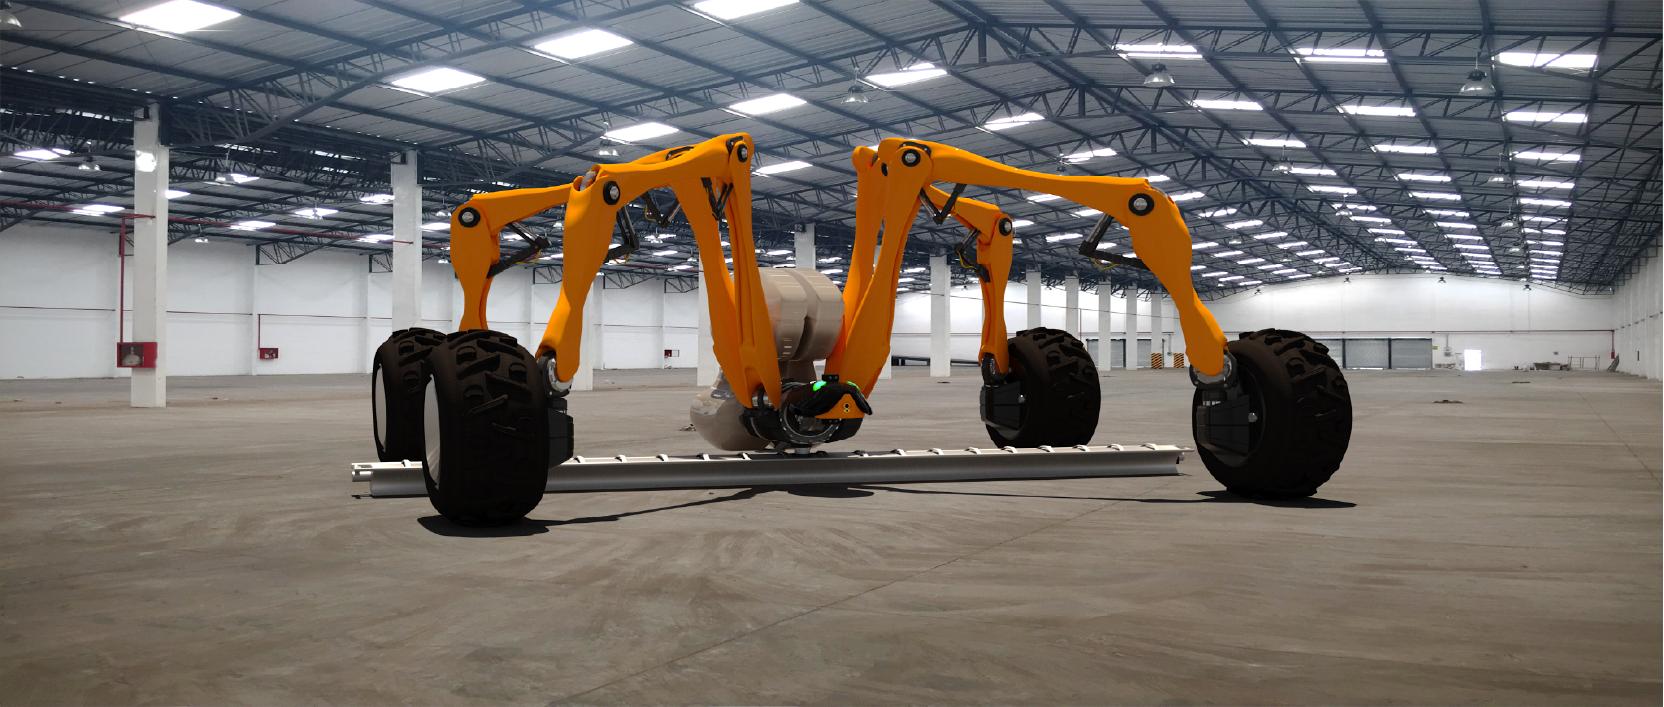 サブスクリプション型の農業サービスで、3つのスマート小型ロボットにより農作業を自動化するSmall Robot Companyについて解説